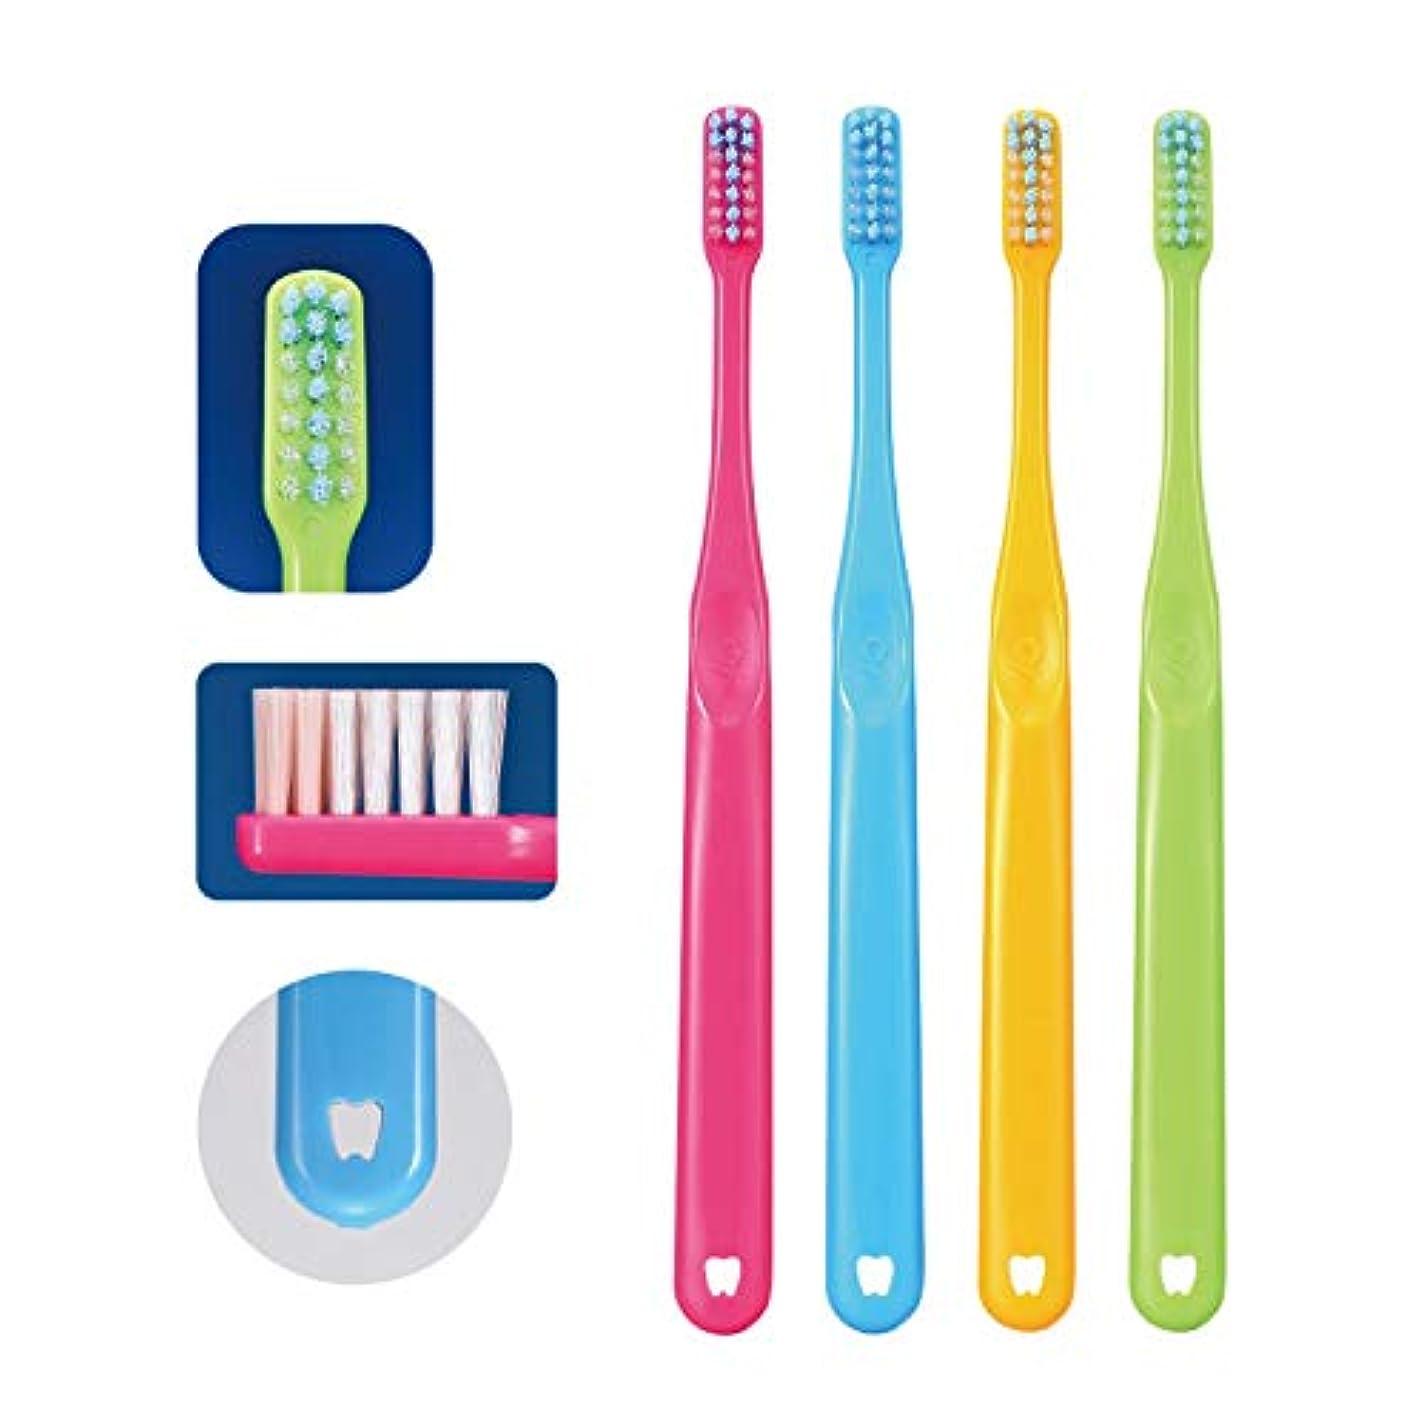 散髪社会とんでもないCi PRO PLUS プロプラス 歯ブラシ 20本 S(やわらかめ) 日本製 プラーク除去 歯科専売品